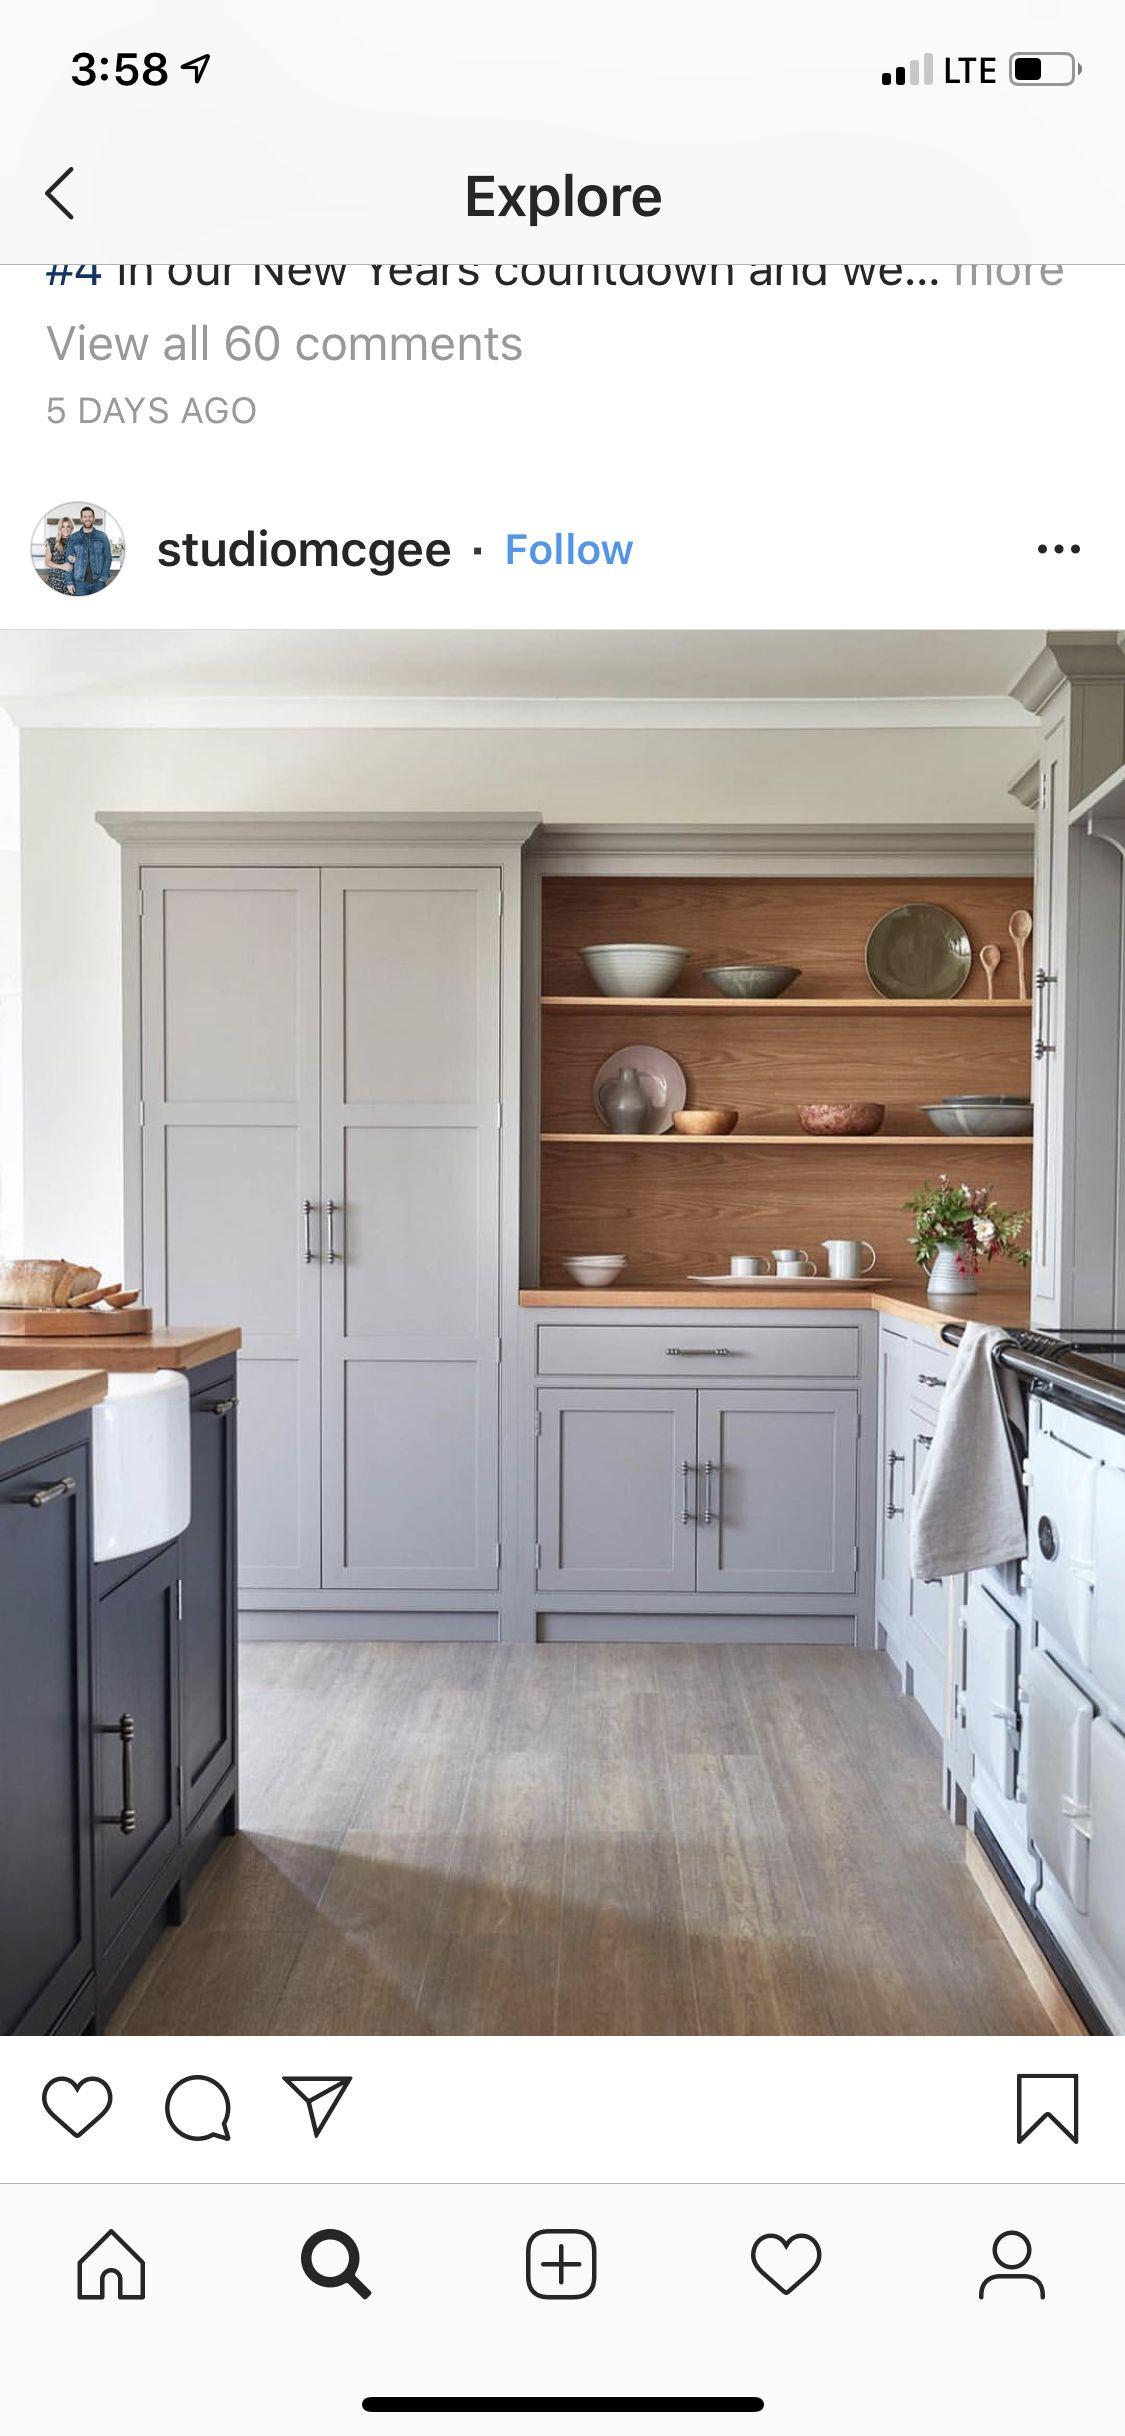 Idee Per La Cucina arredamento di diana vanin su arredamento